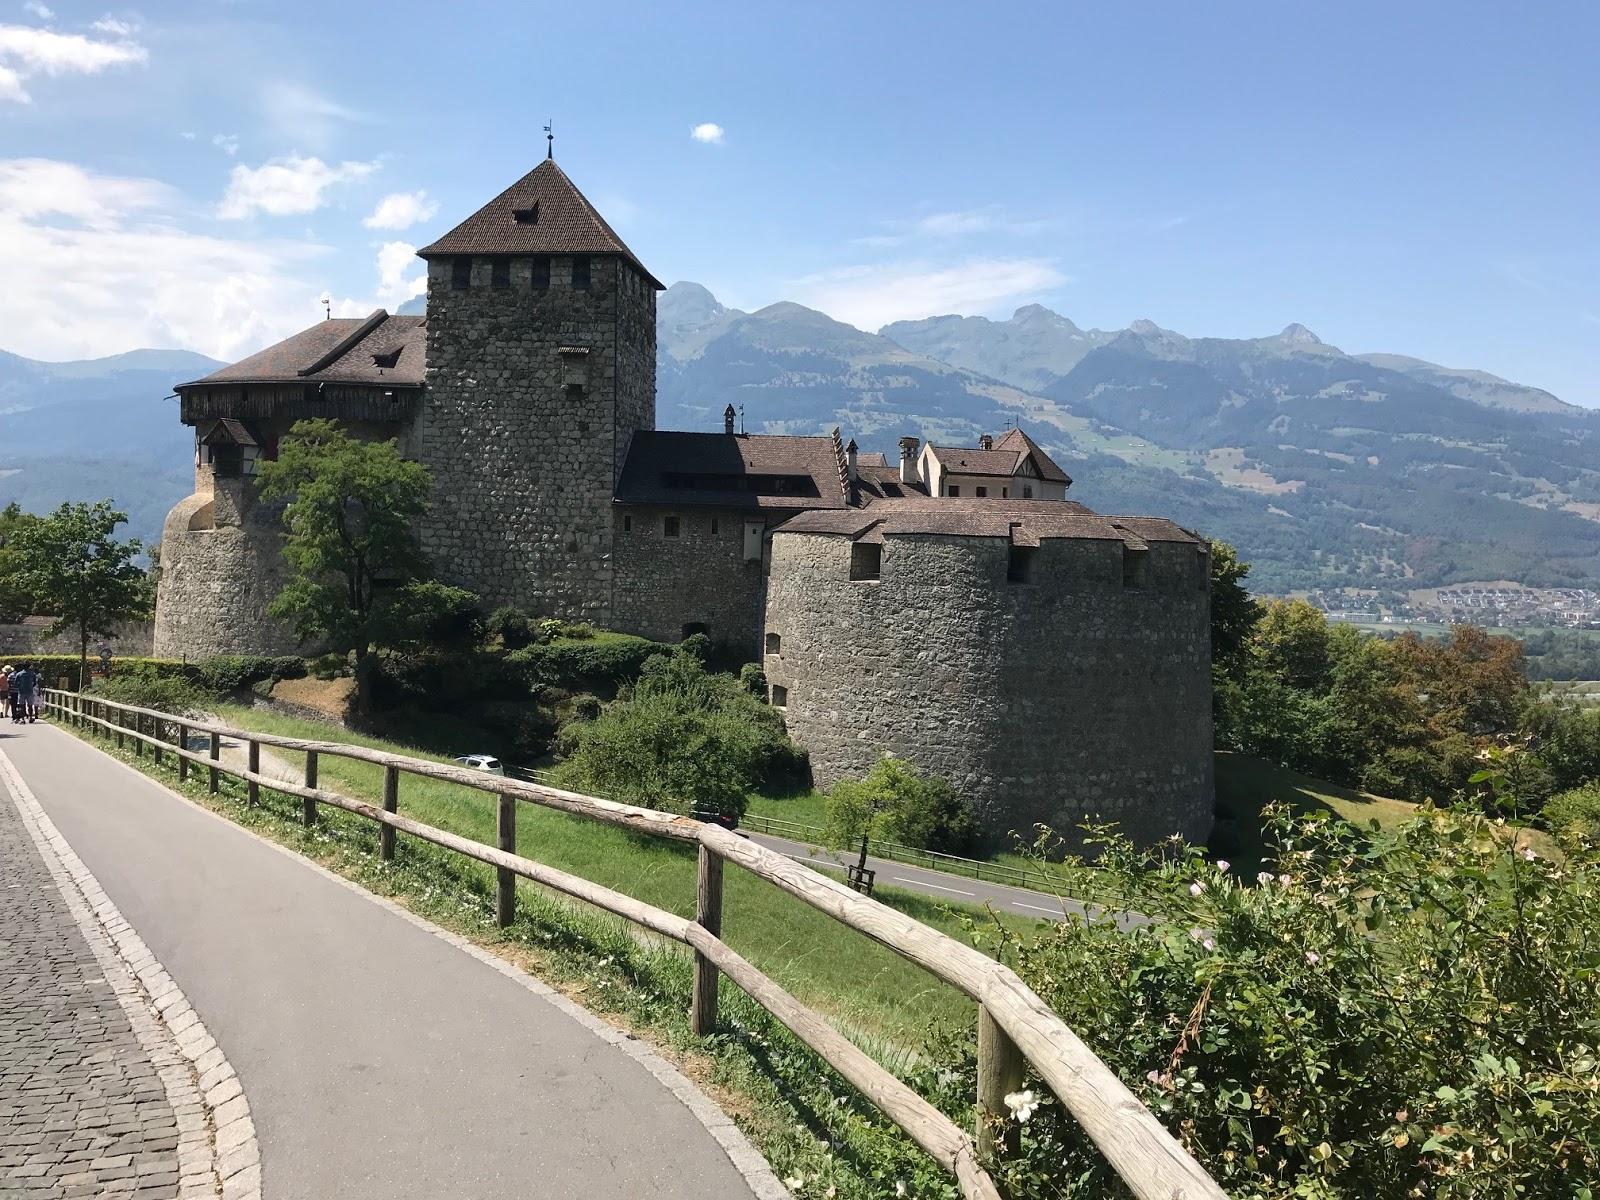 ba2611a89eaf Schloss Vaduz - ikke meget Disney her!